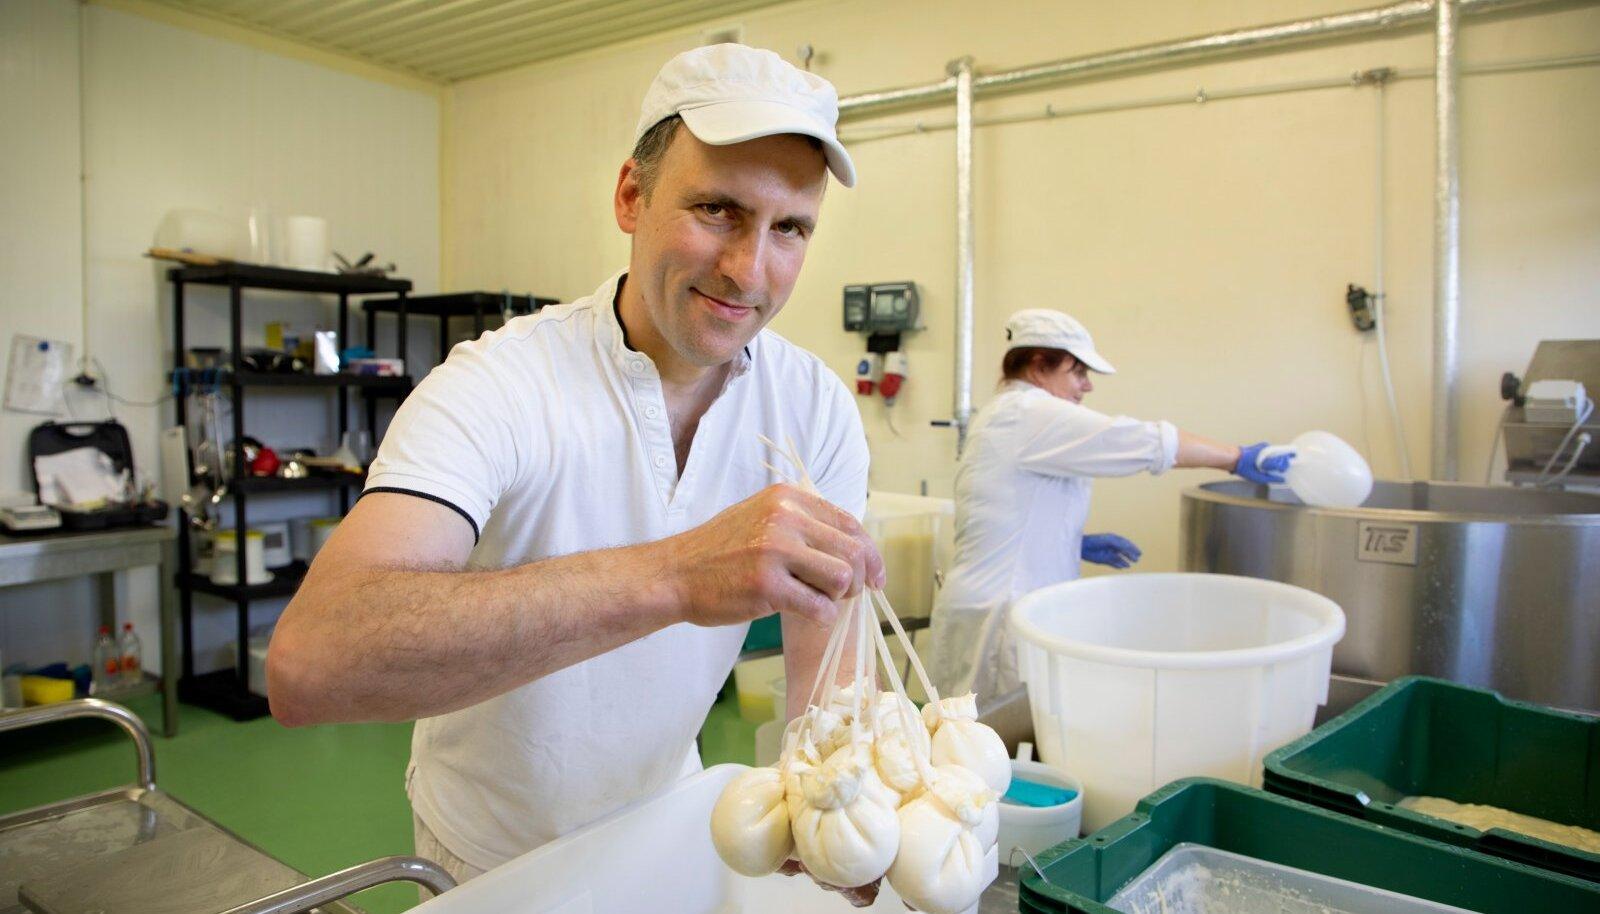 Denis Pretto üheks firmamärgiks on käsitsi valmistatud juust burrata, mida saab vaid peenematest restoranidest.